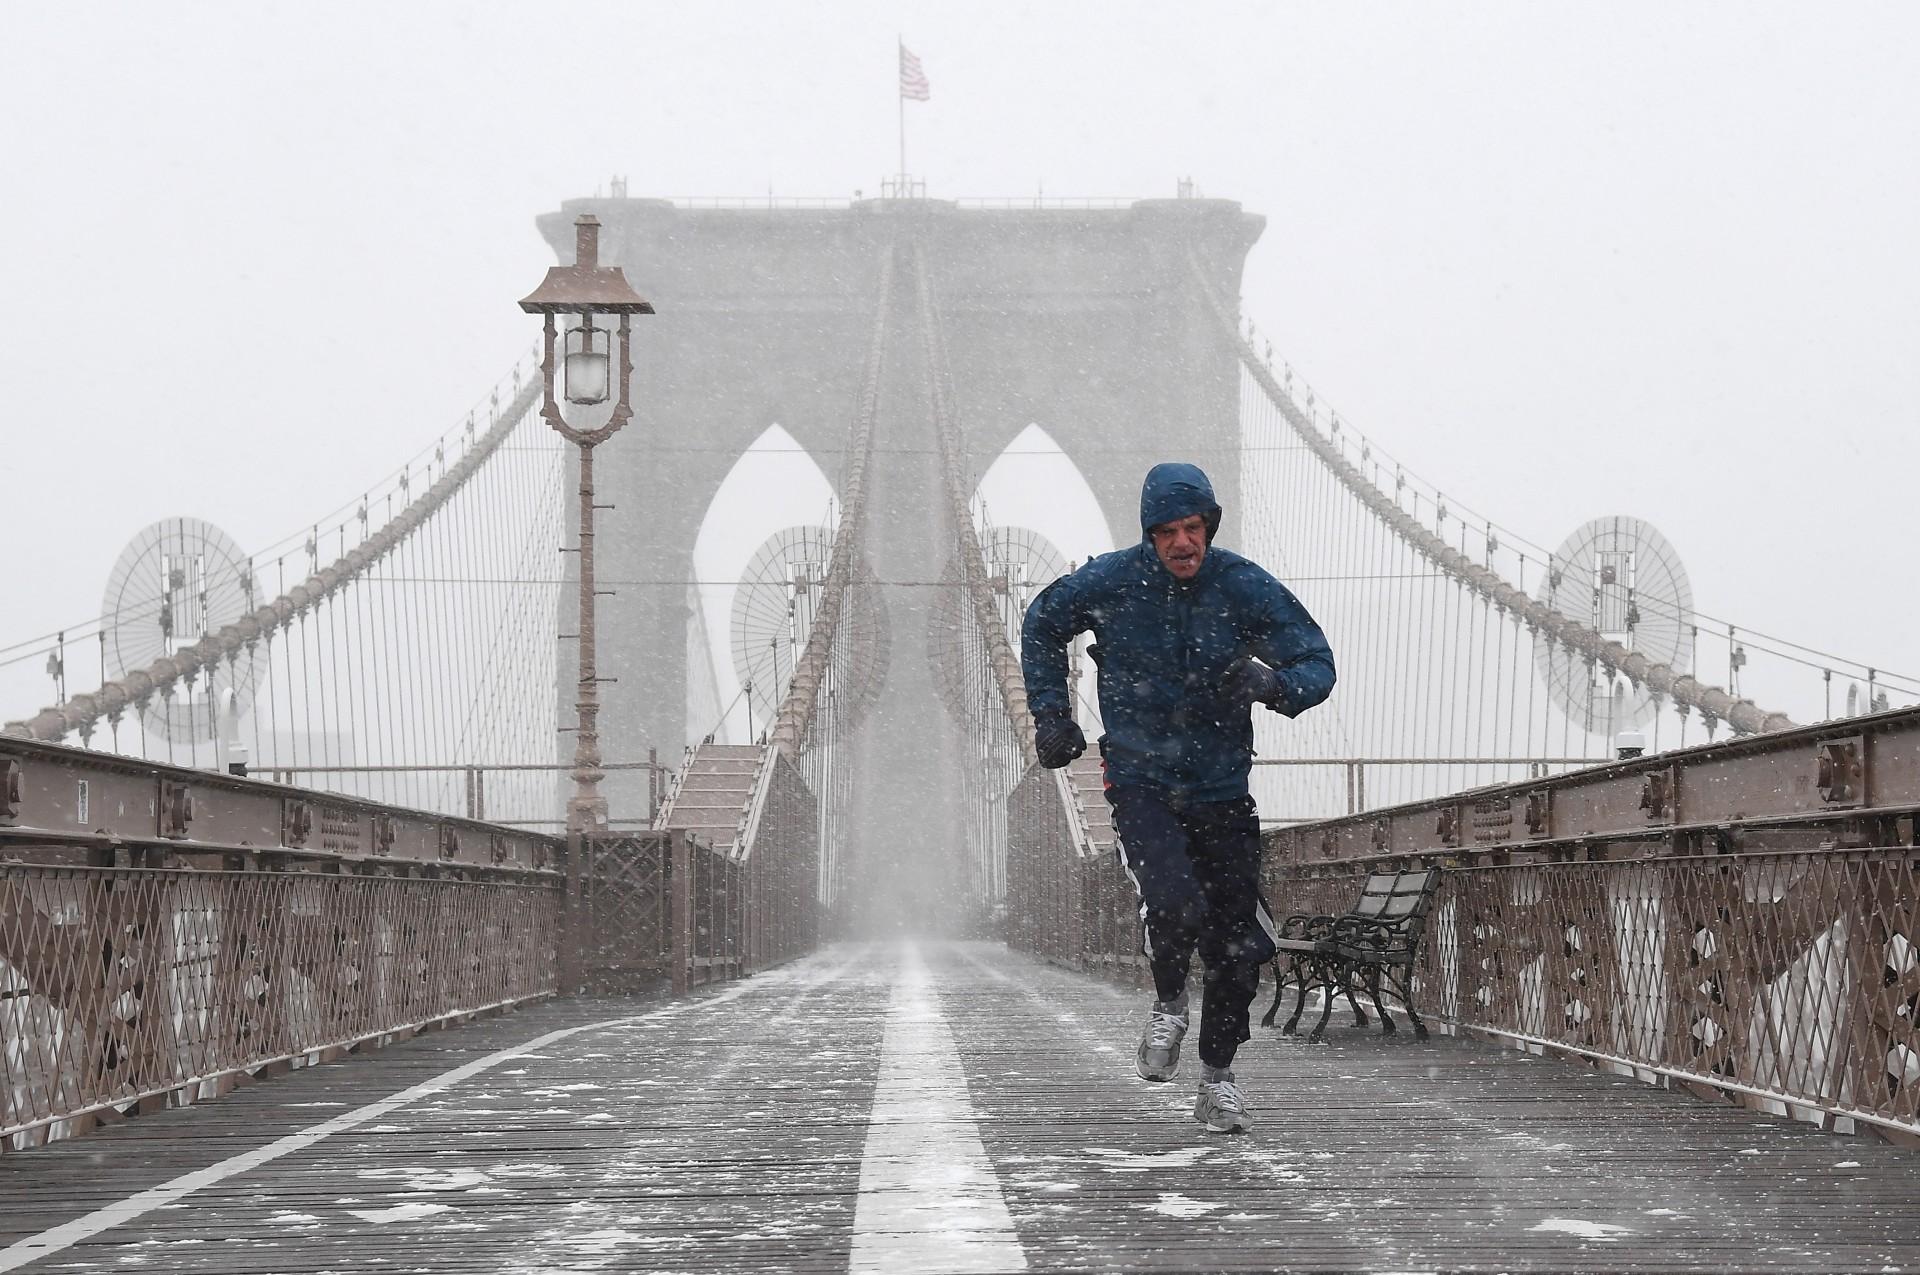 Un corredor pasa por el puente Brooklyn en medio de la nevada